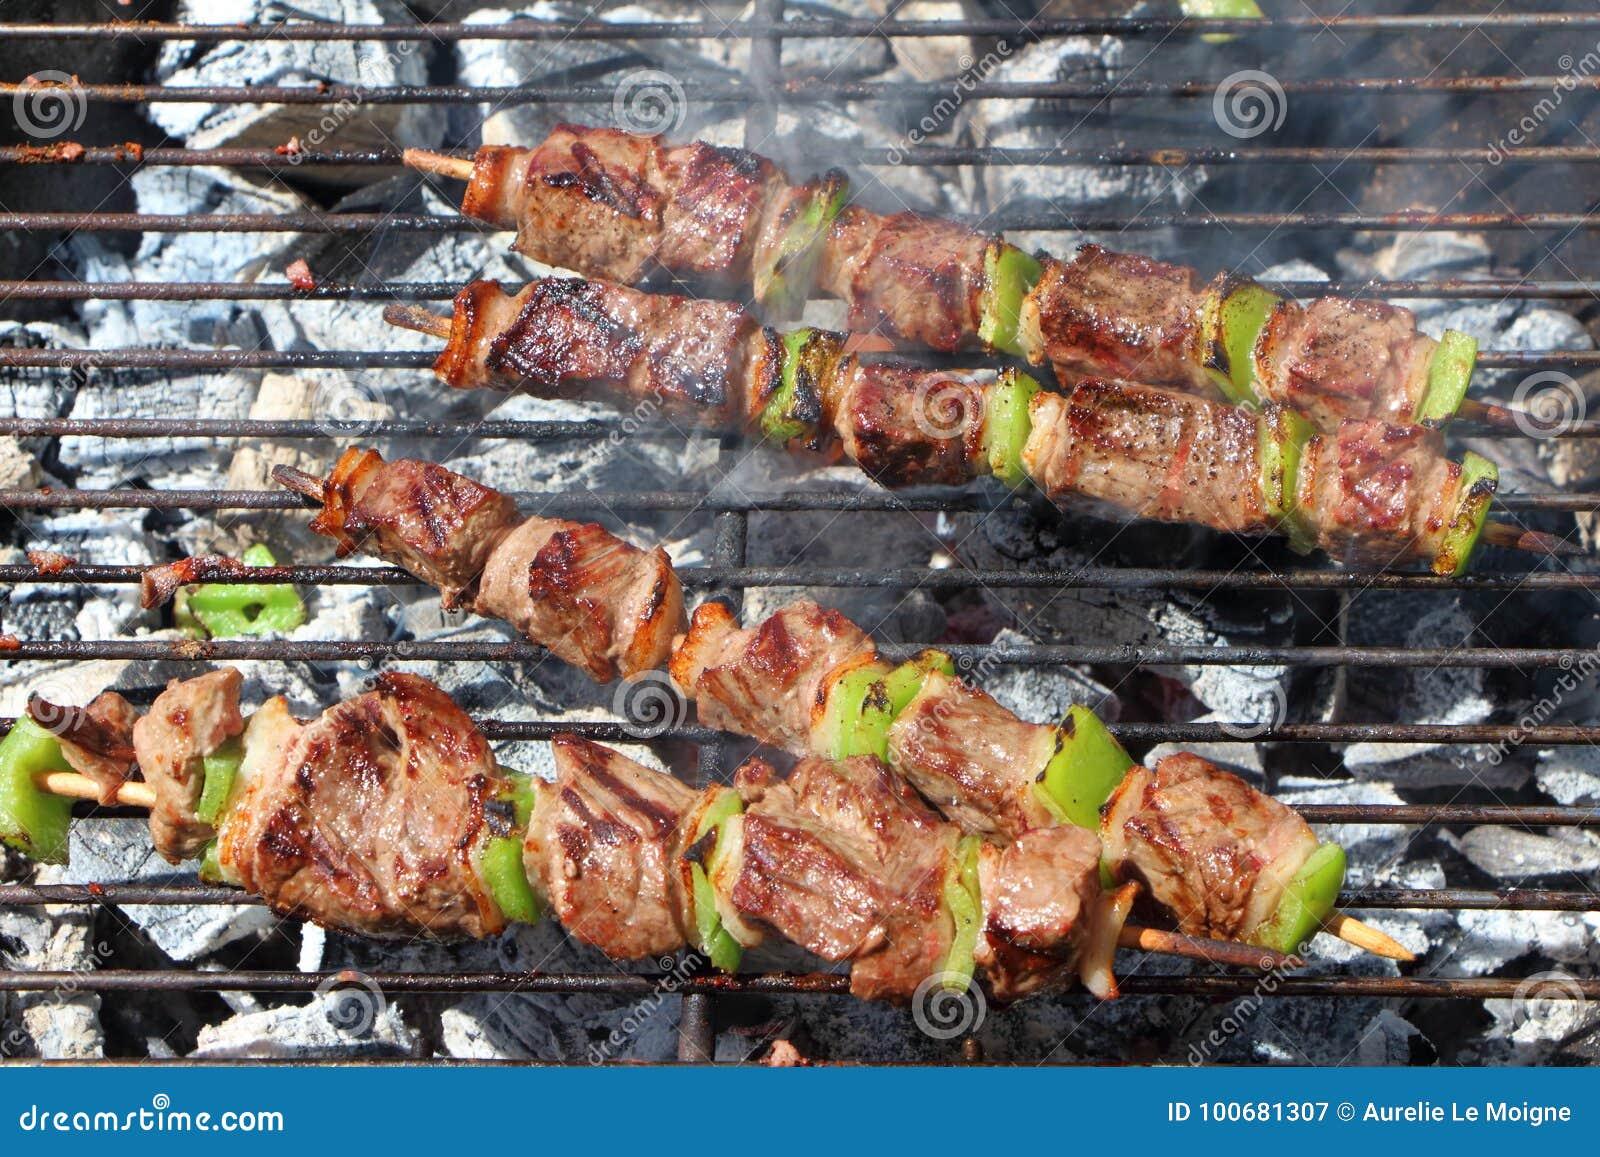 Wołowina rożenek na grillu